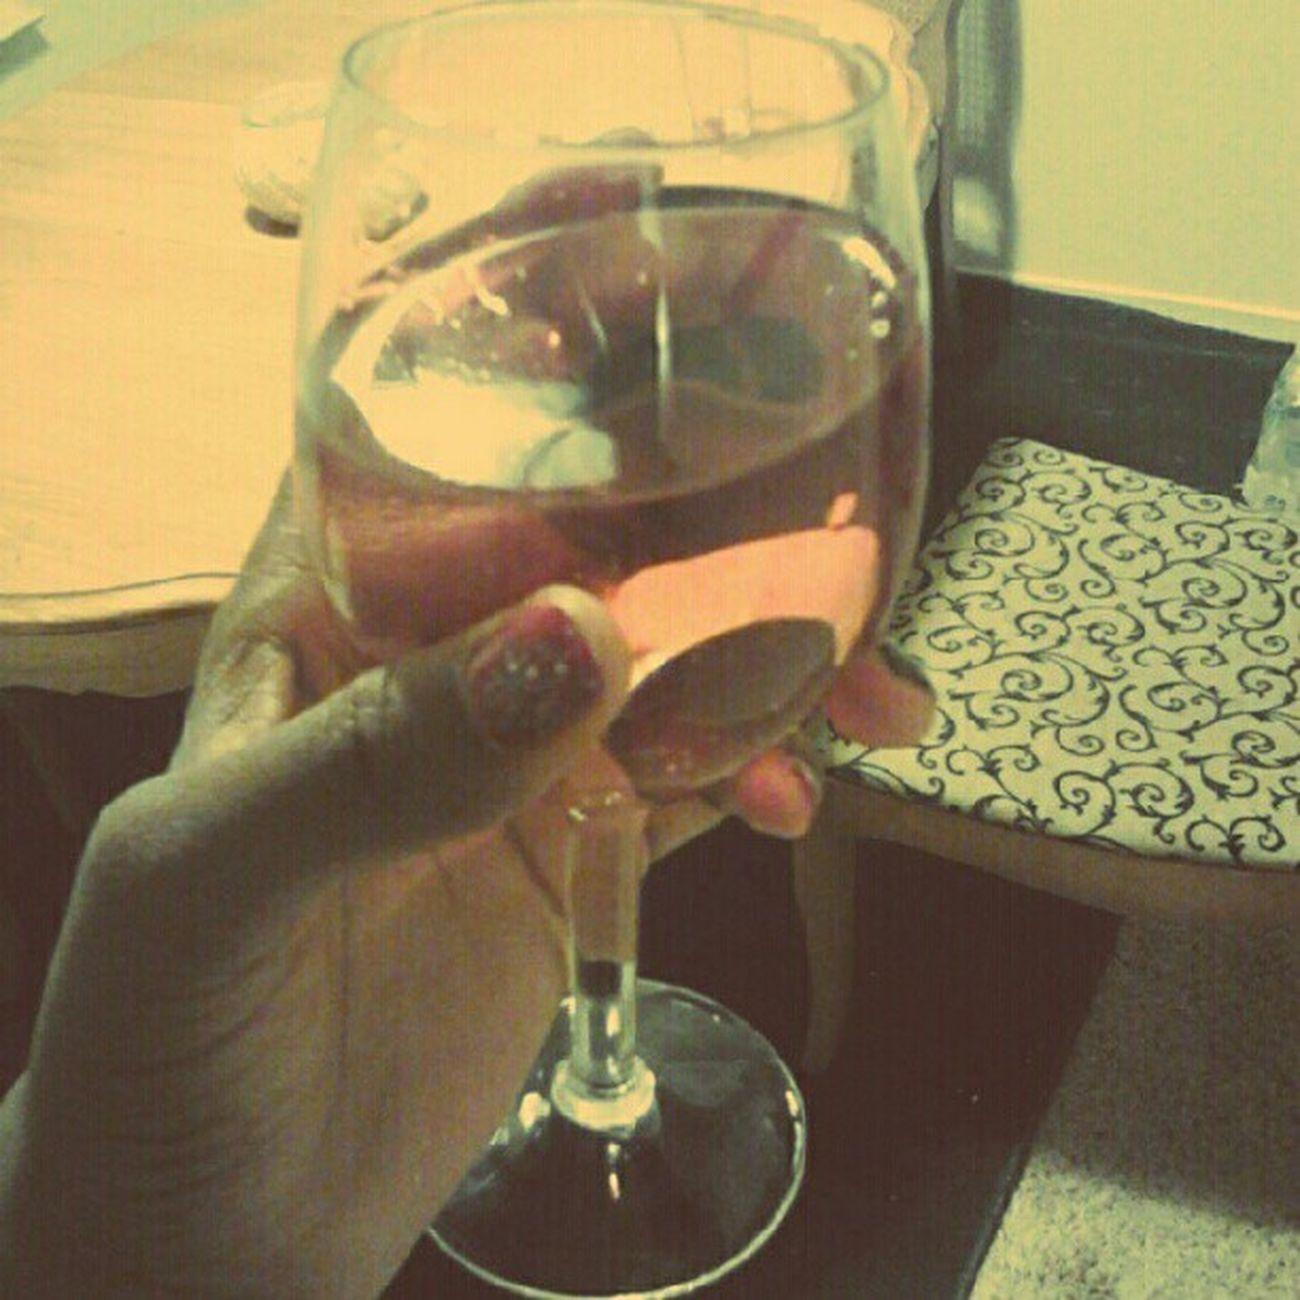 #pinkmoscato #moscato #wine #winesnob #stressrelief Wine Moscato Stressrelief Pinkmoscato Winesnob Nylonsnack